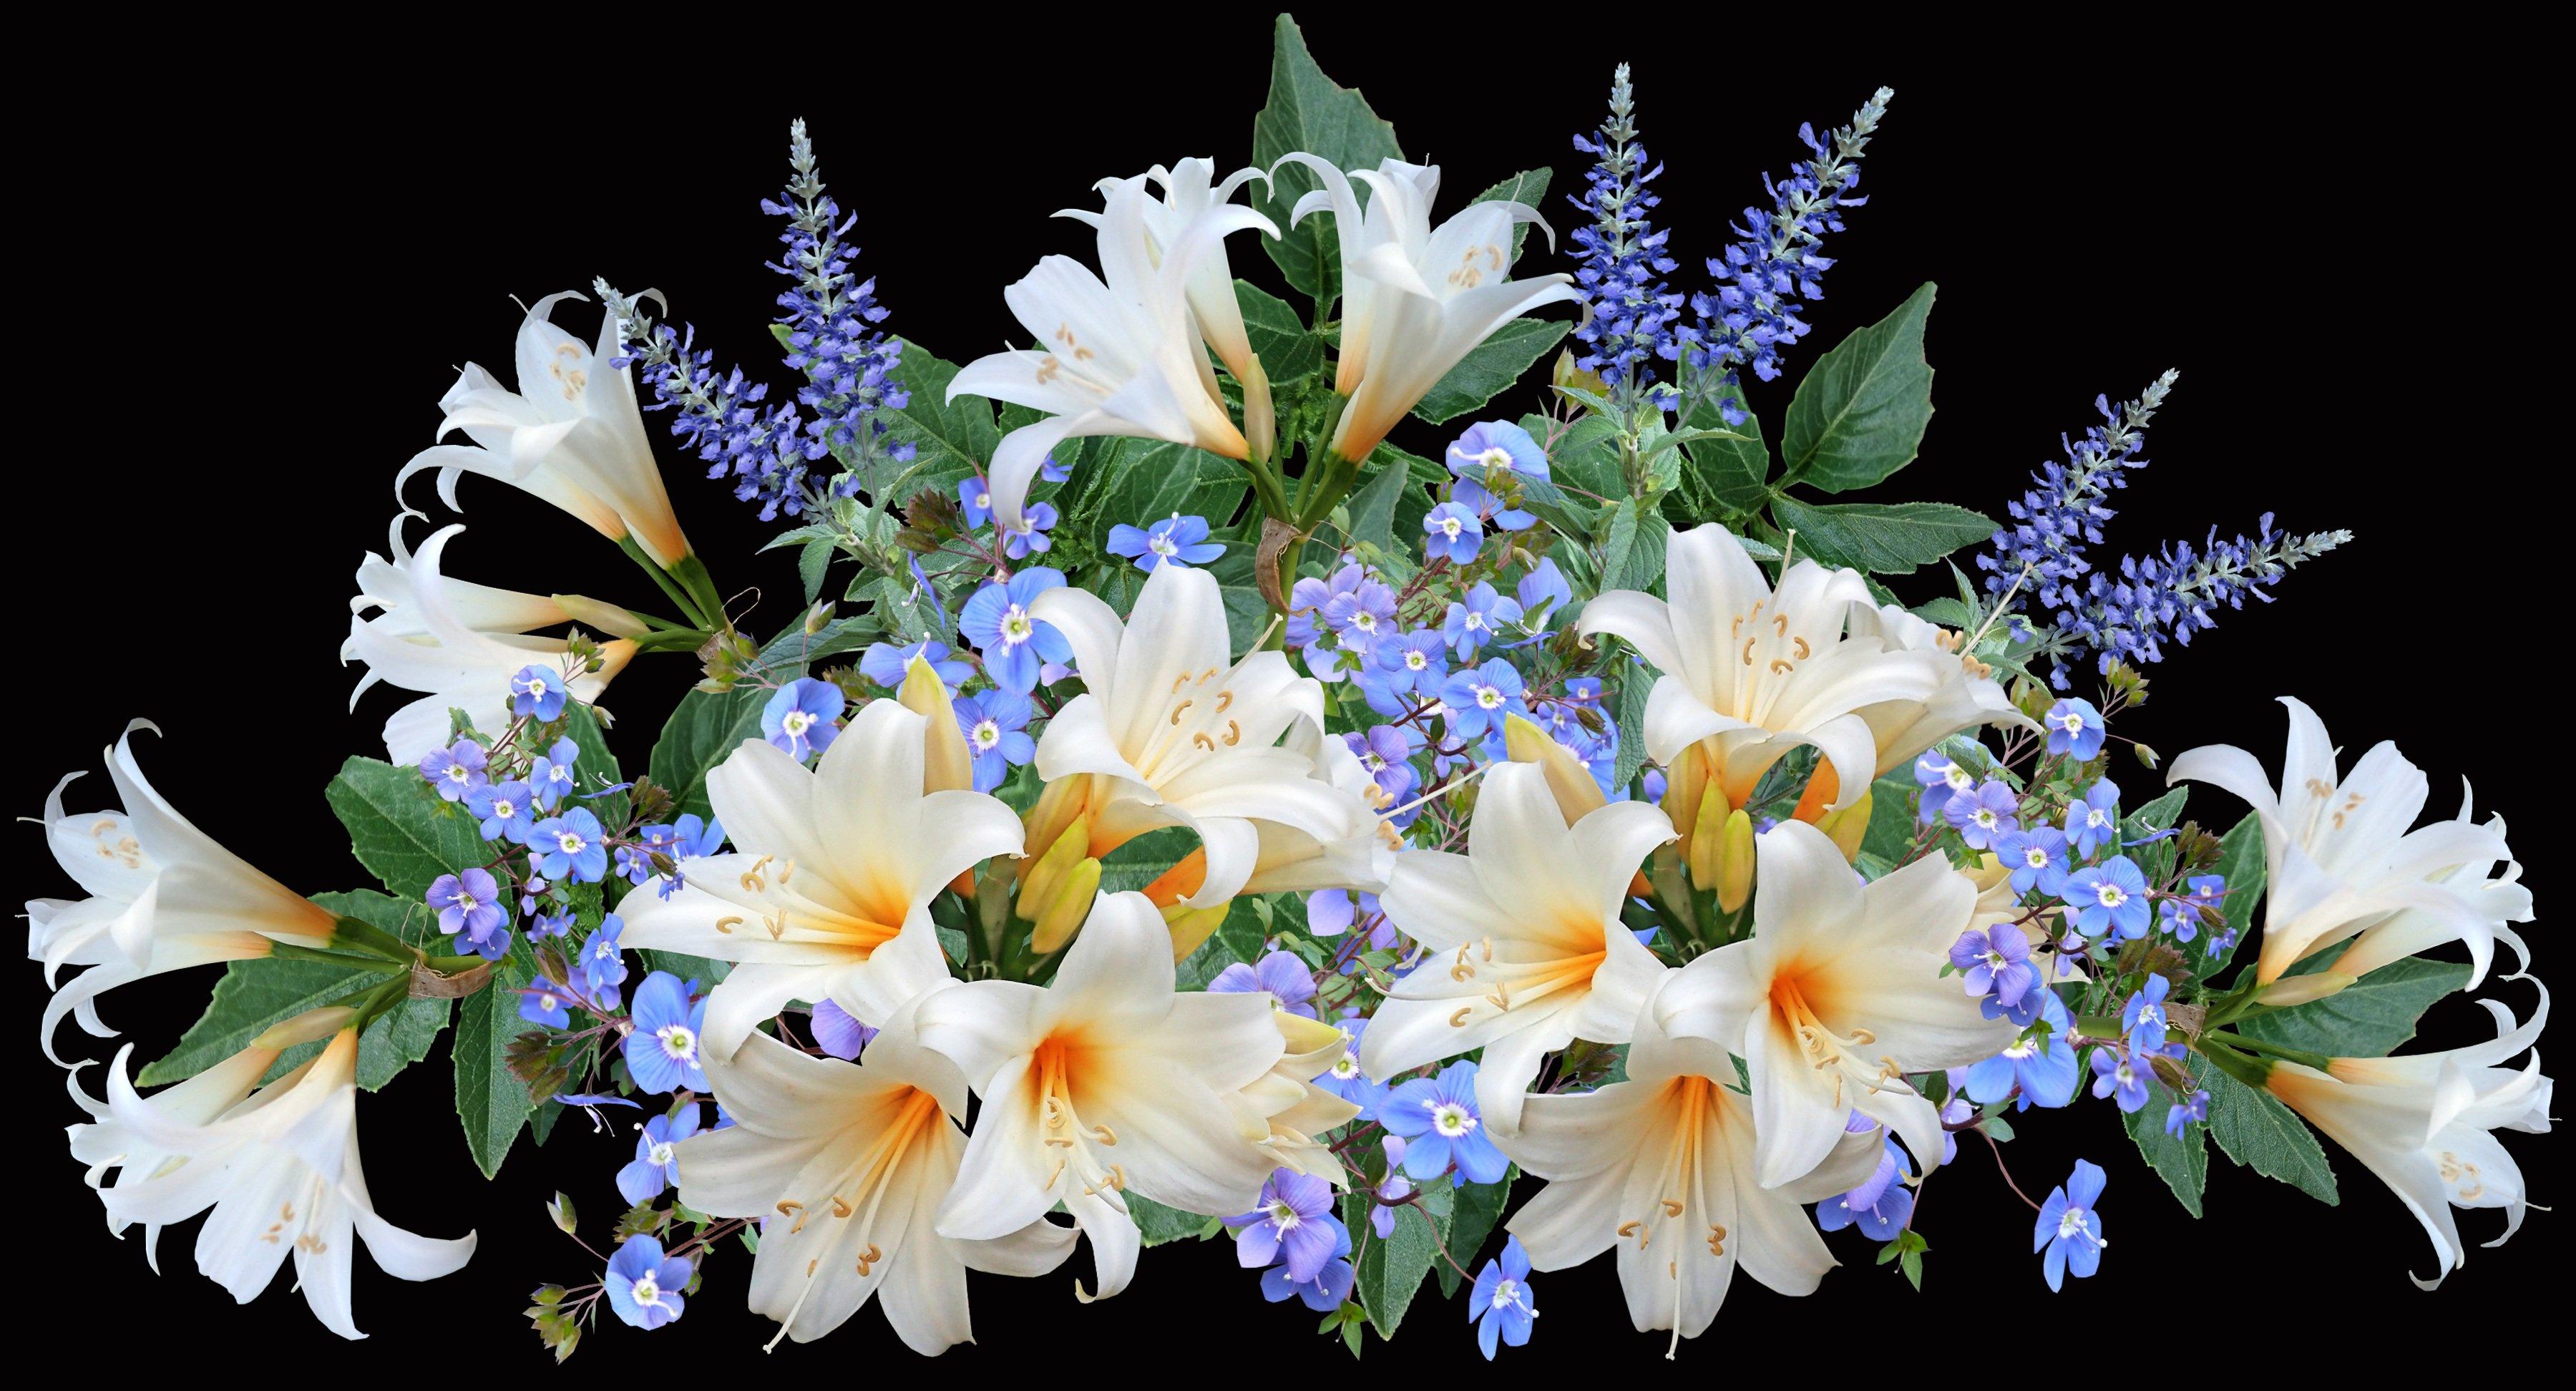 напомнили, что красивый букет белые лилии фото этом месте сливаются